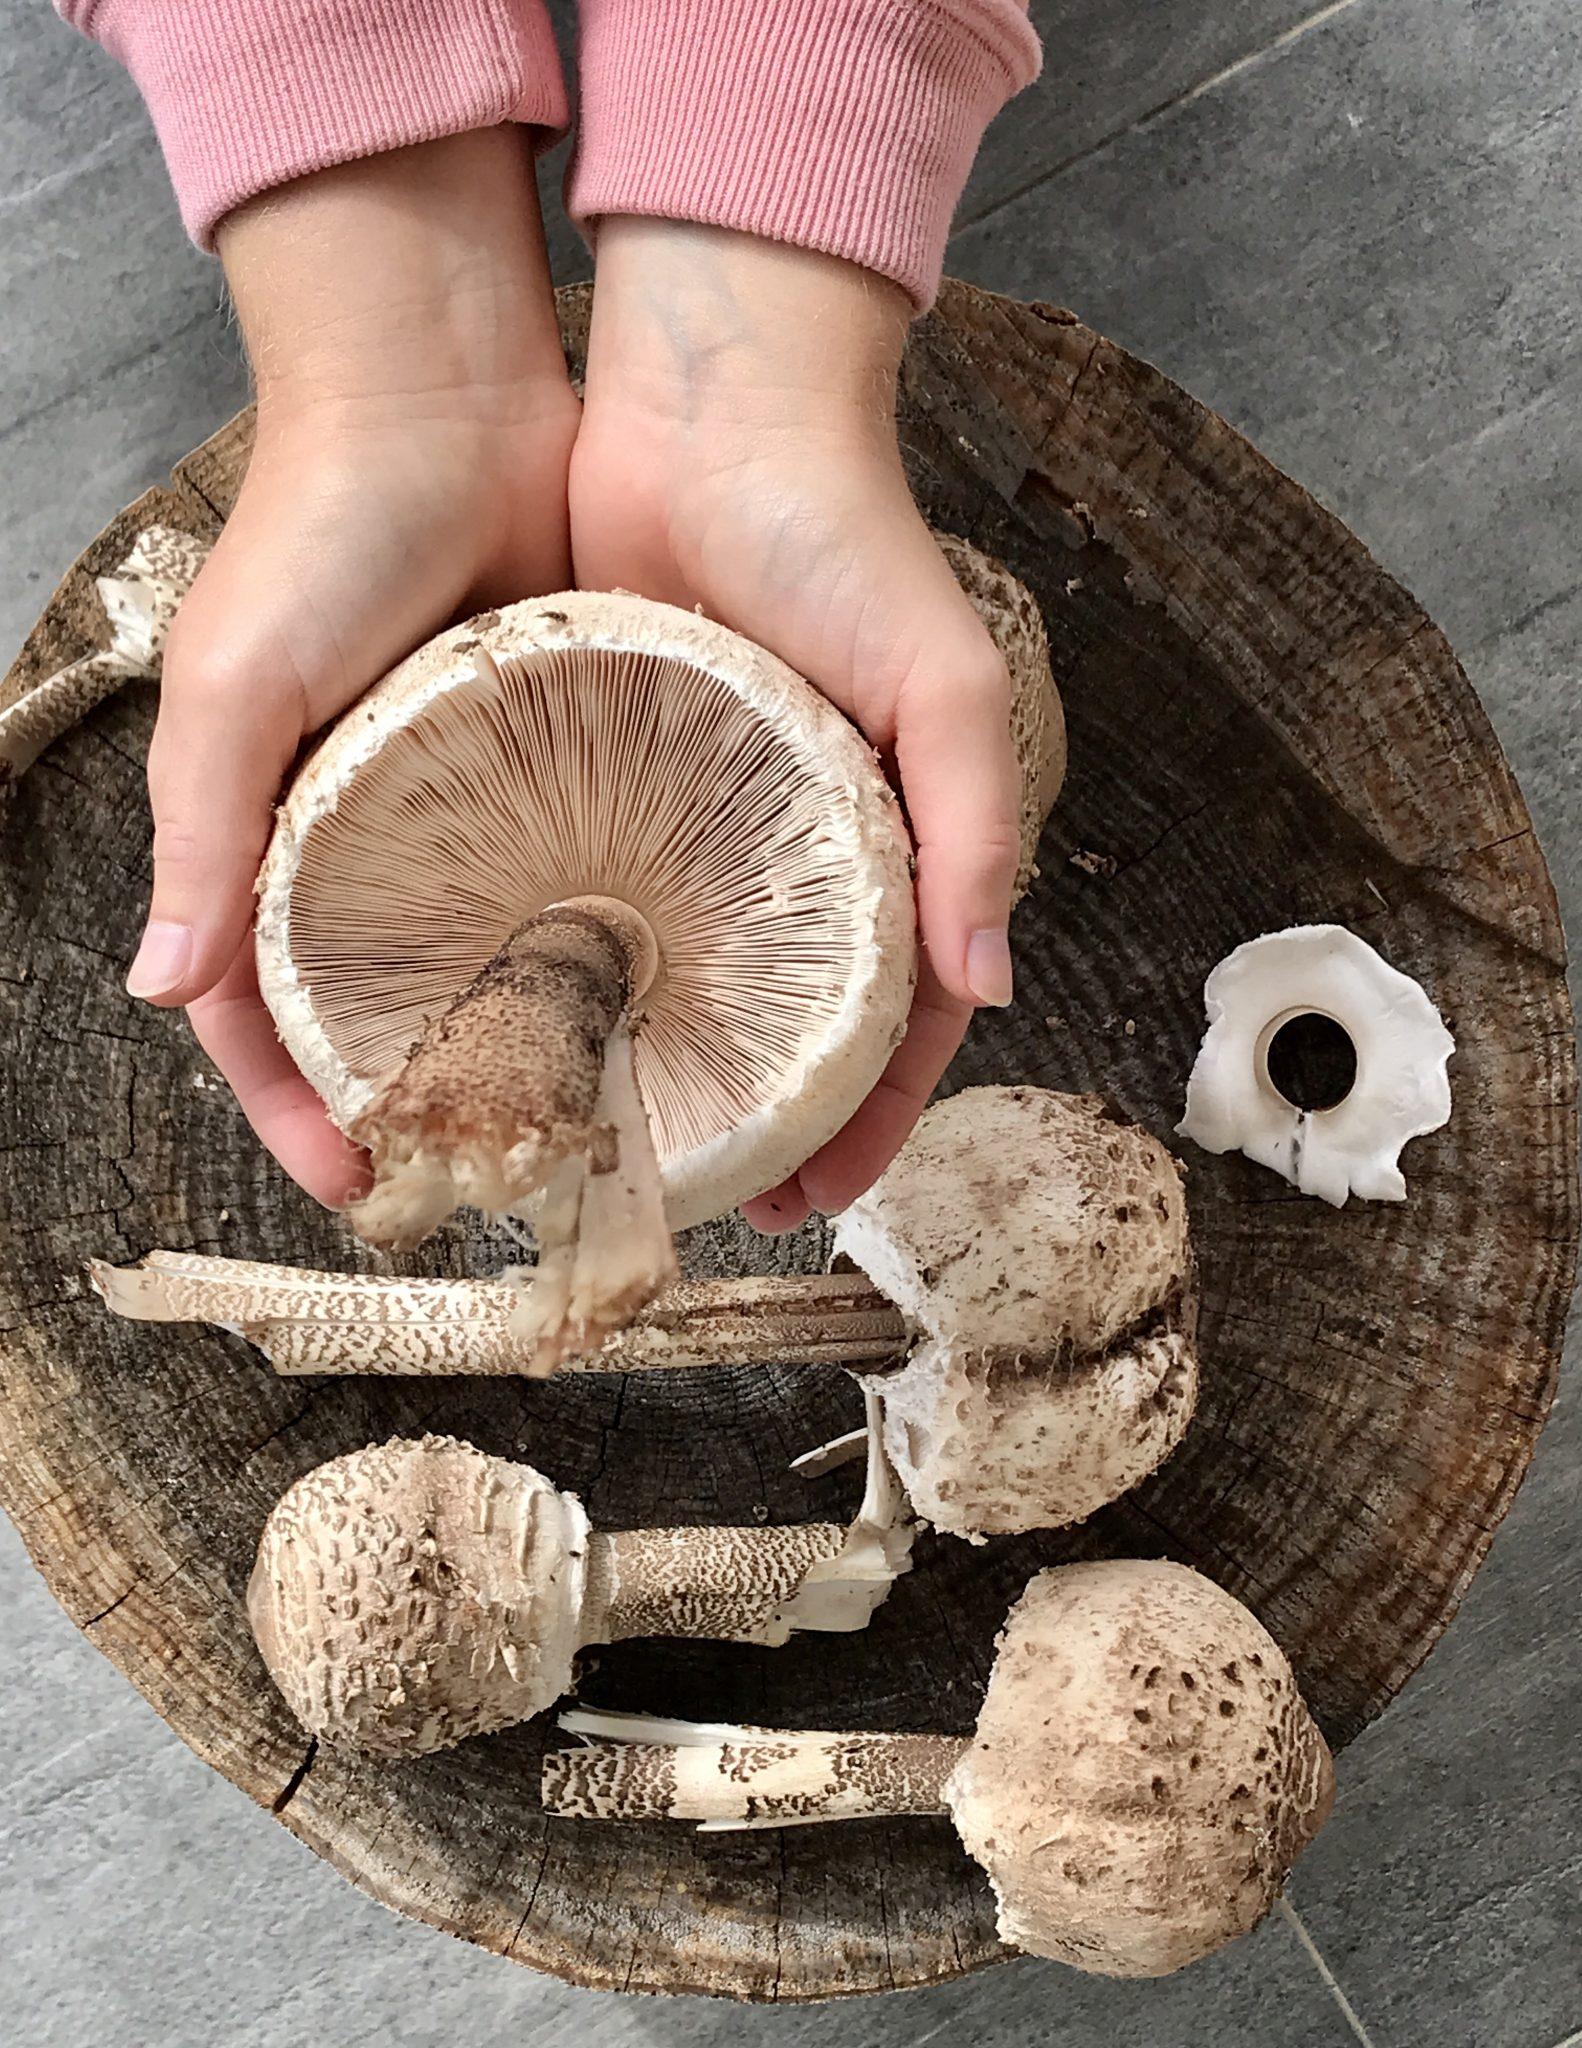 Holding wild singer parasol mushroom